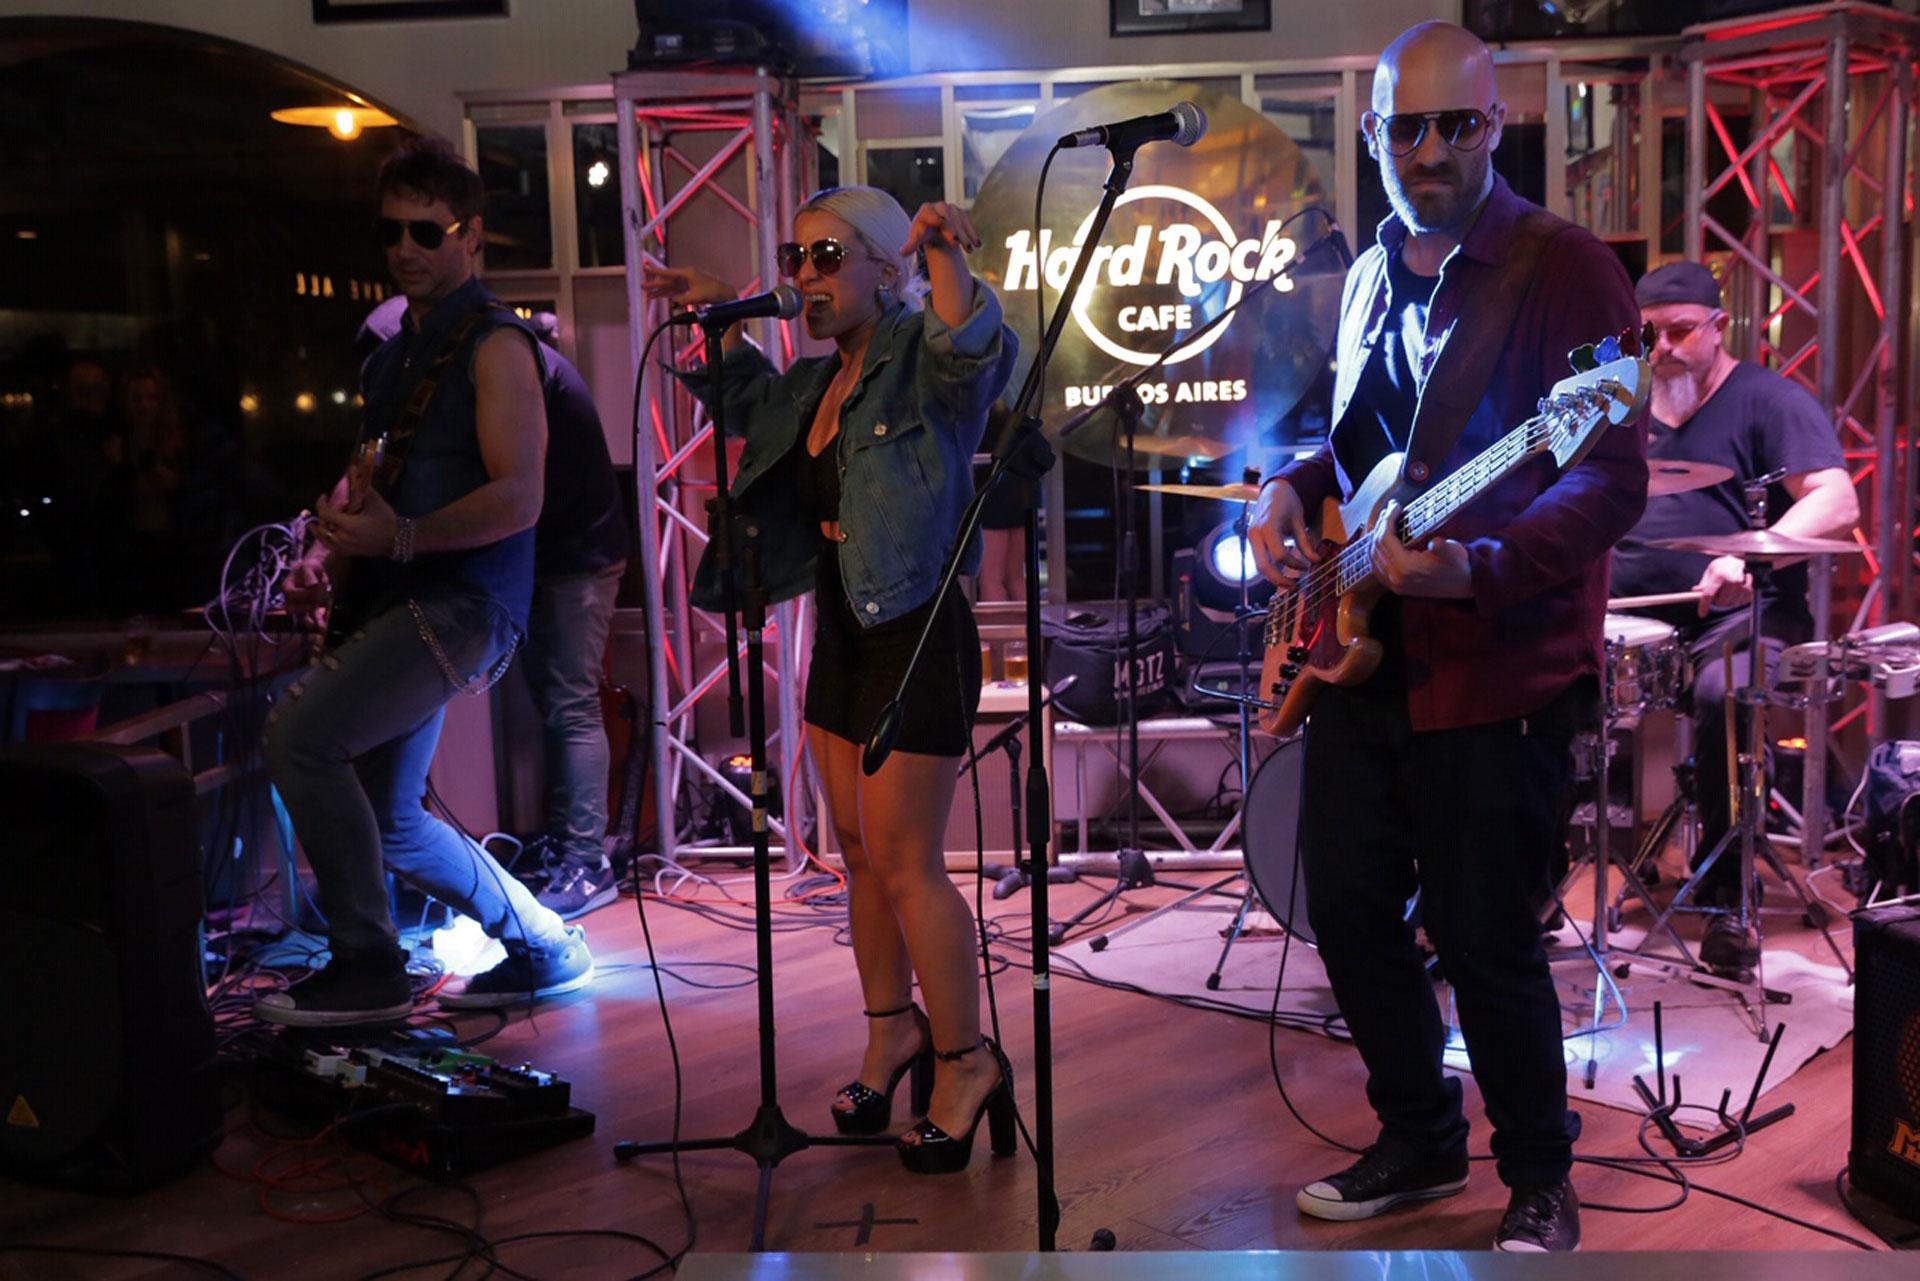 El show de House Band